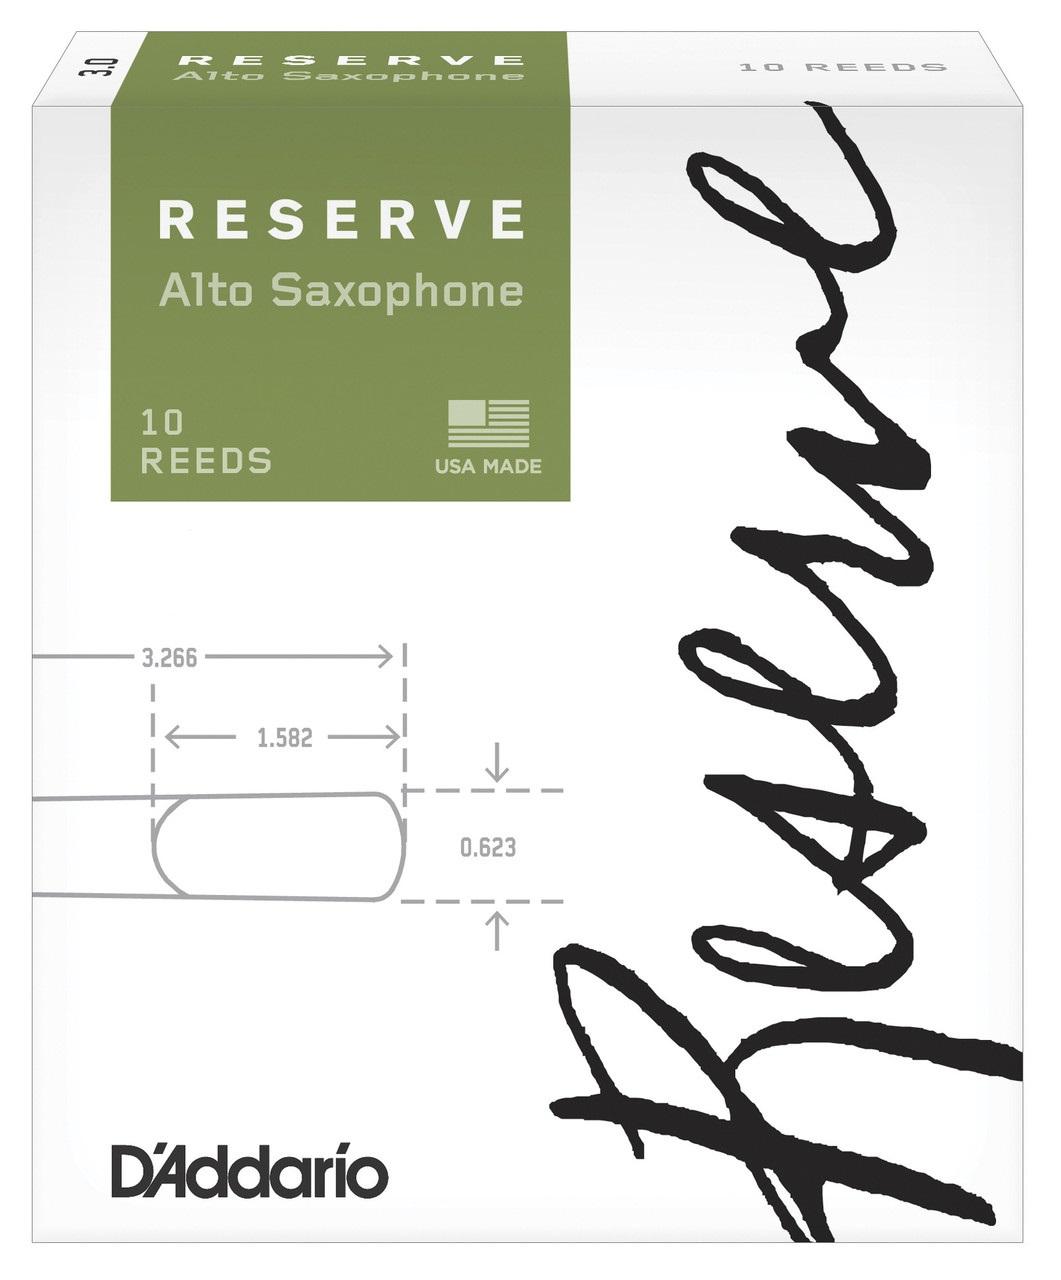 D'Addario Reserve Alto Sax, 10 - 4,0